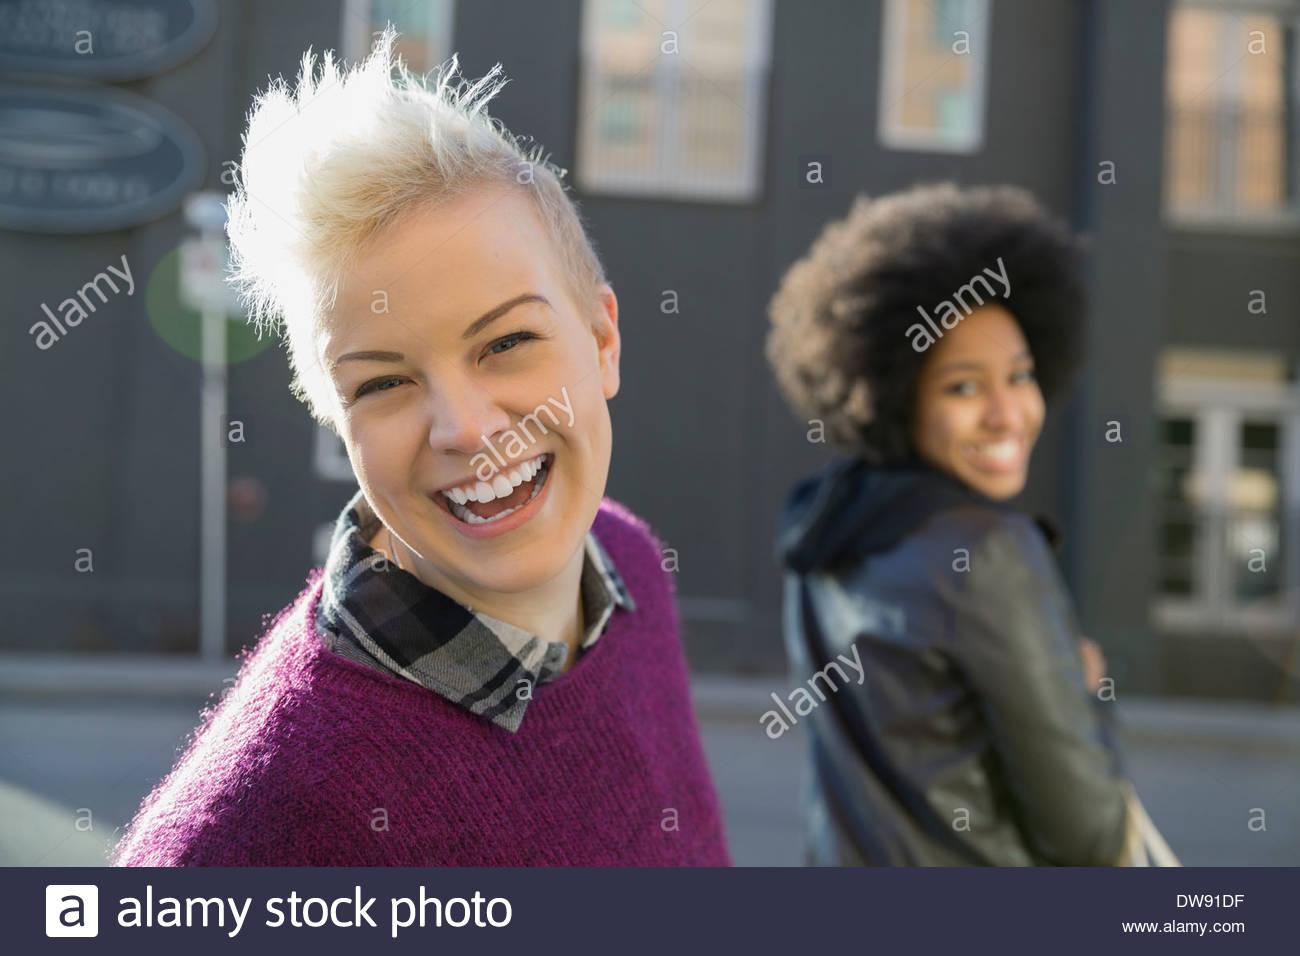 Retrato de mujer alegre en las calles de la ciudad Imagen De Stock